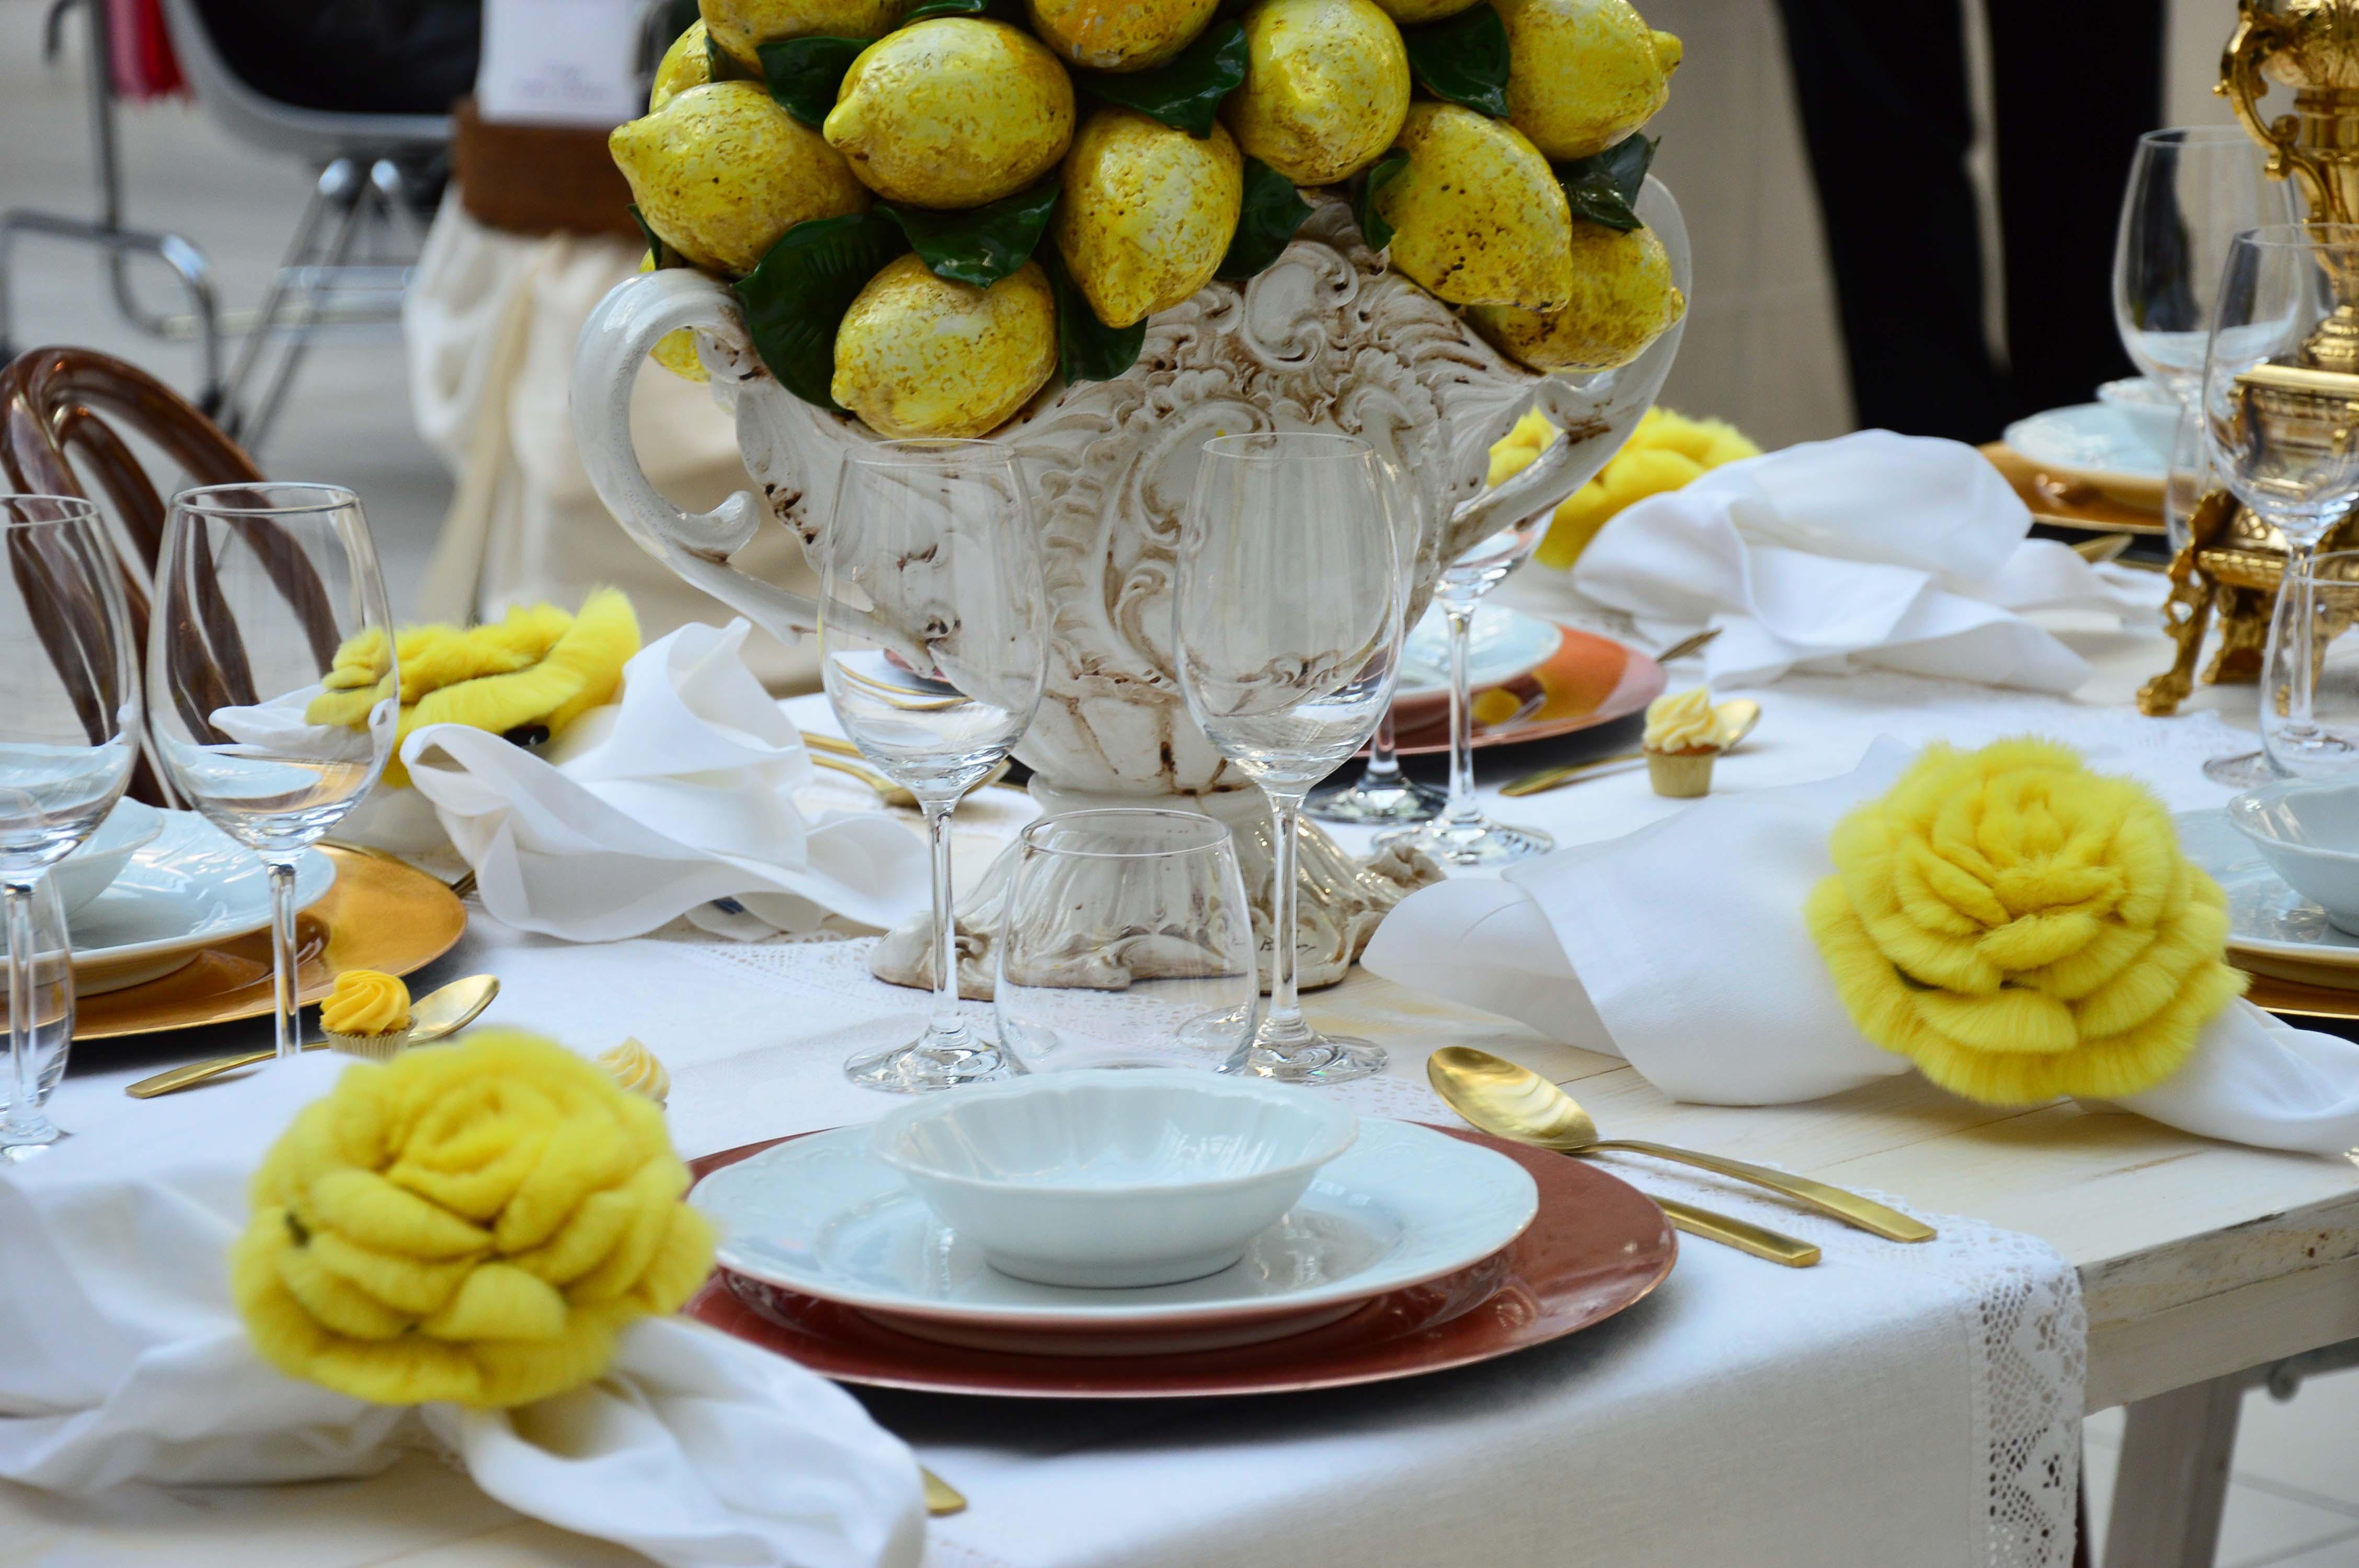 Apparecchiare Tavola In Terrazza come apparecchiare la tavola a natale: idee glamour and chic